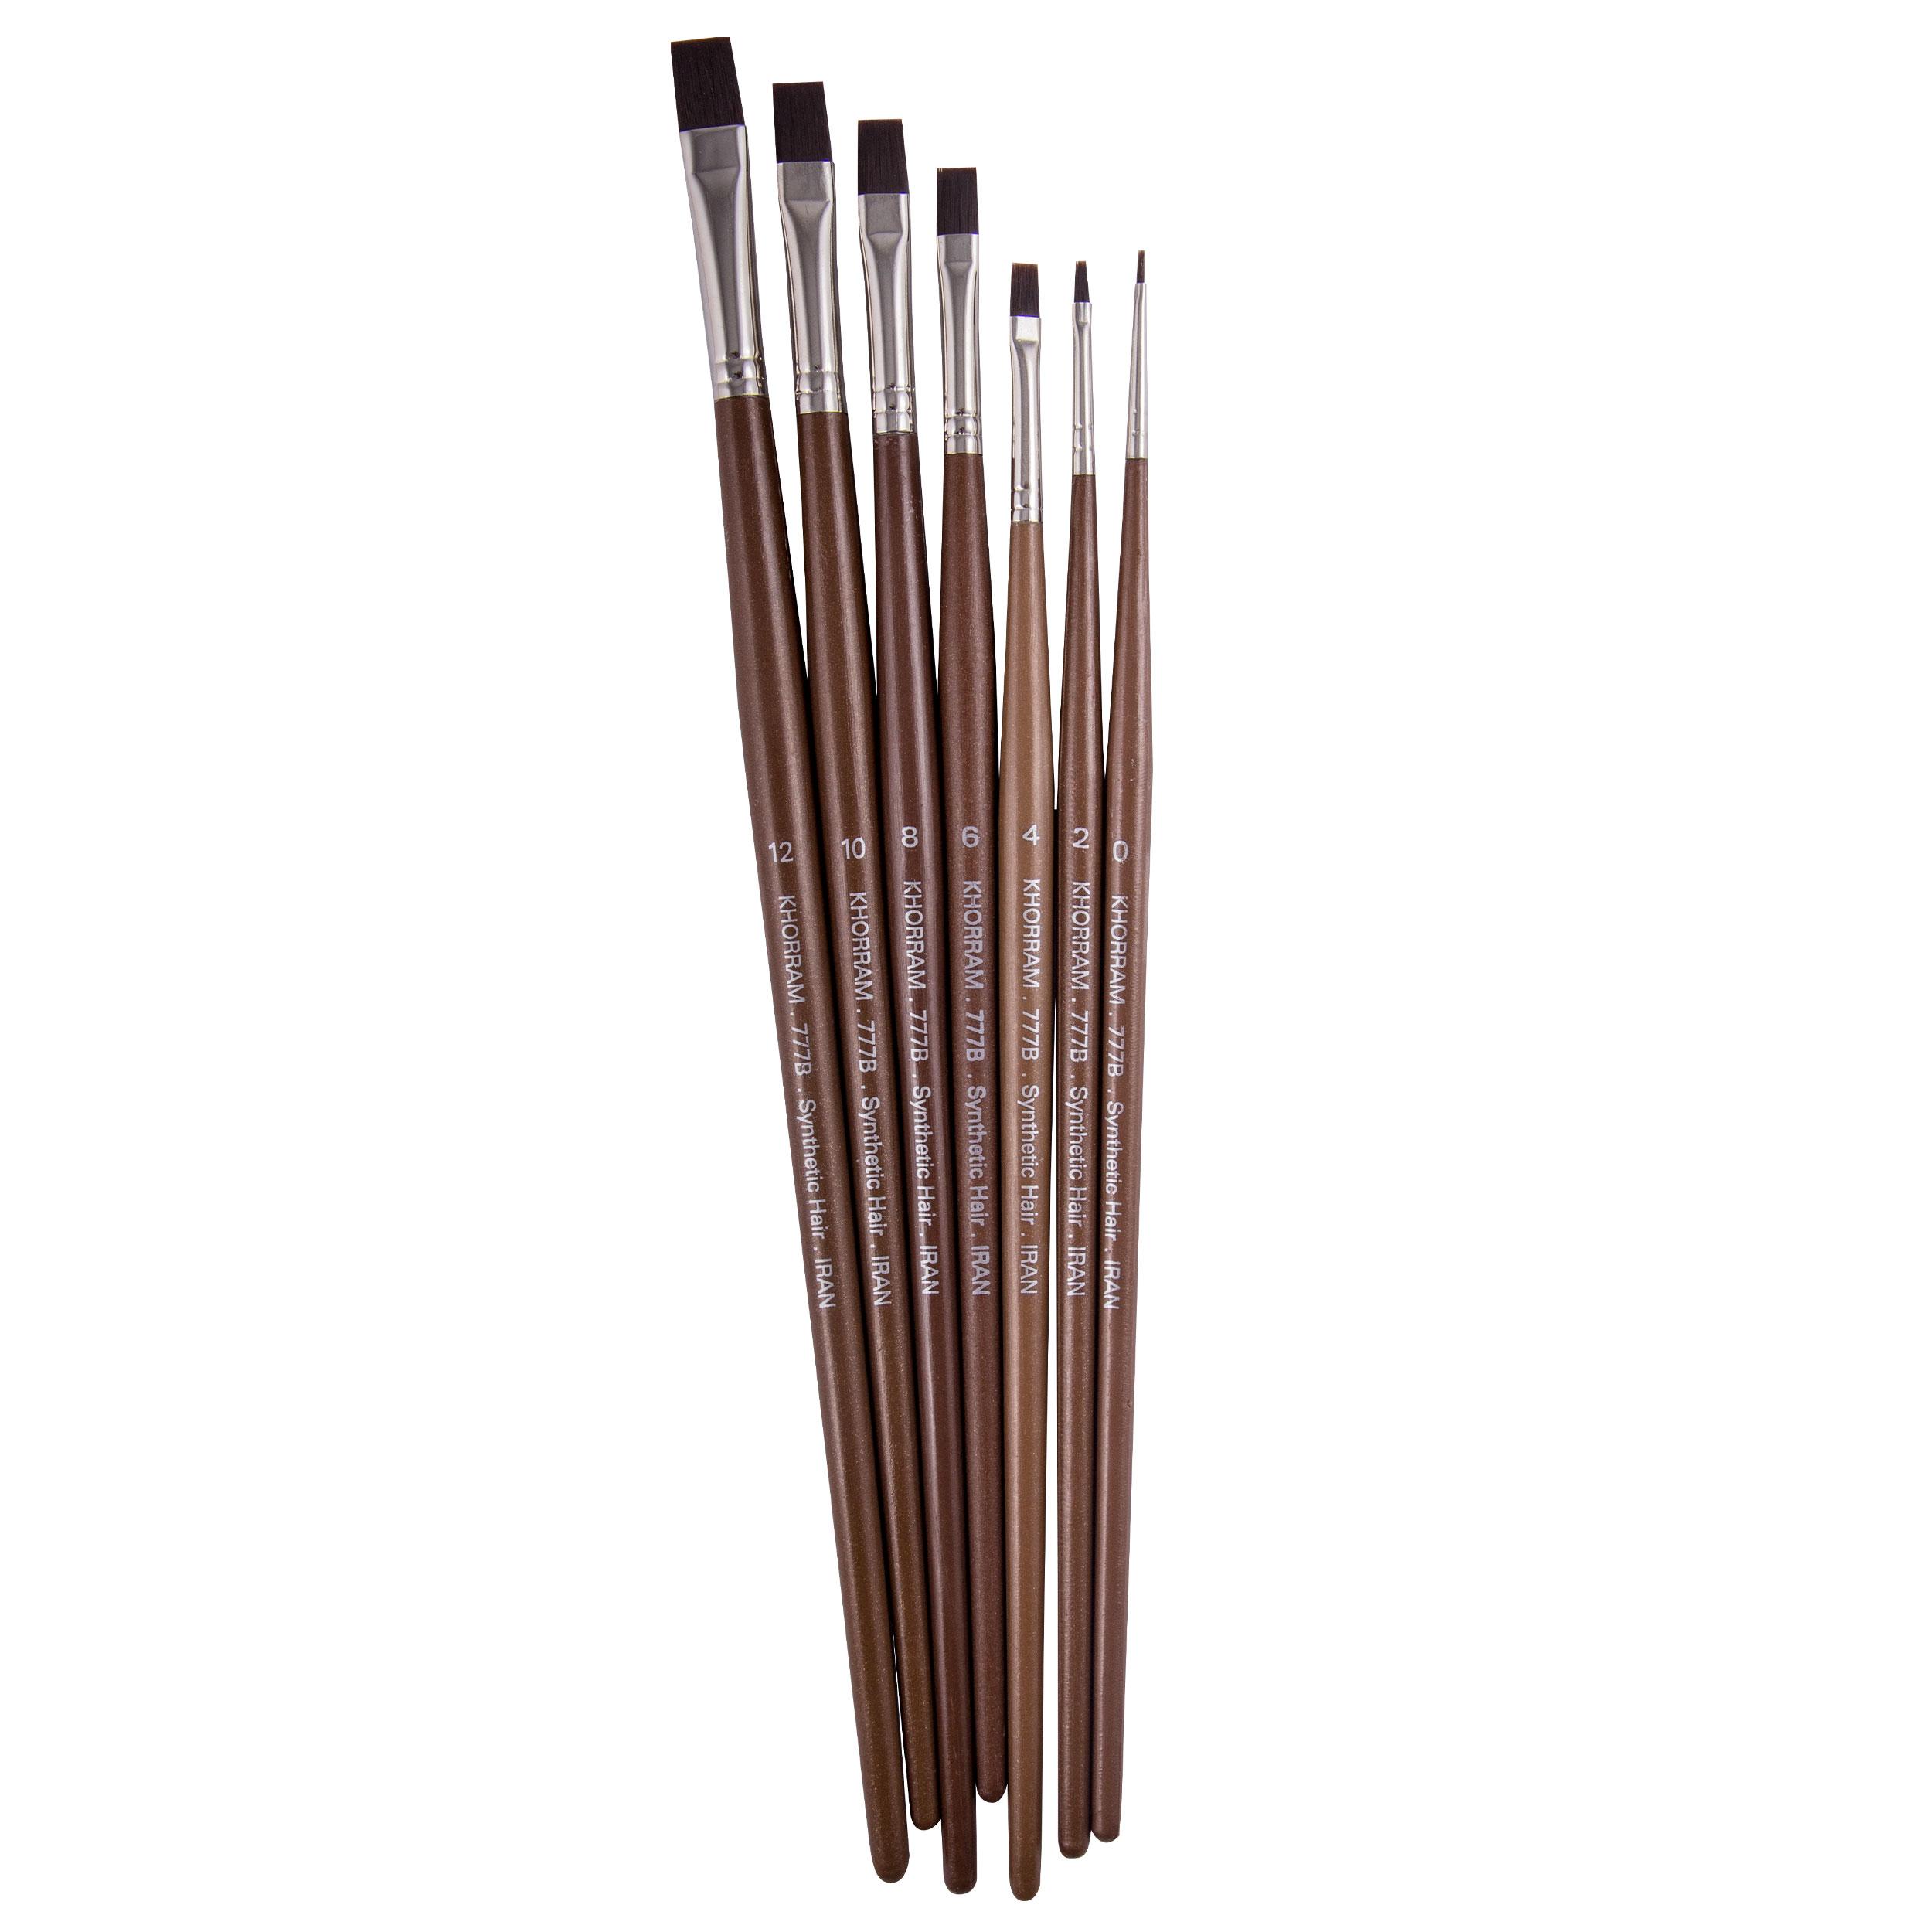 قلم مو تخت خرم مدل khp بسته 7 عددی